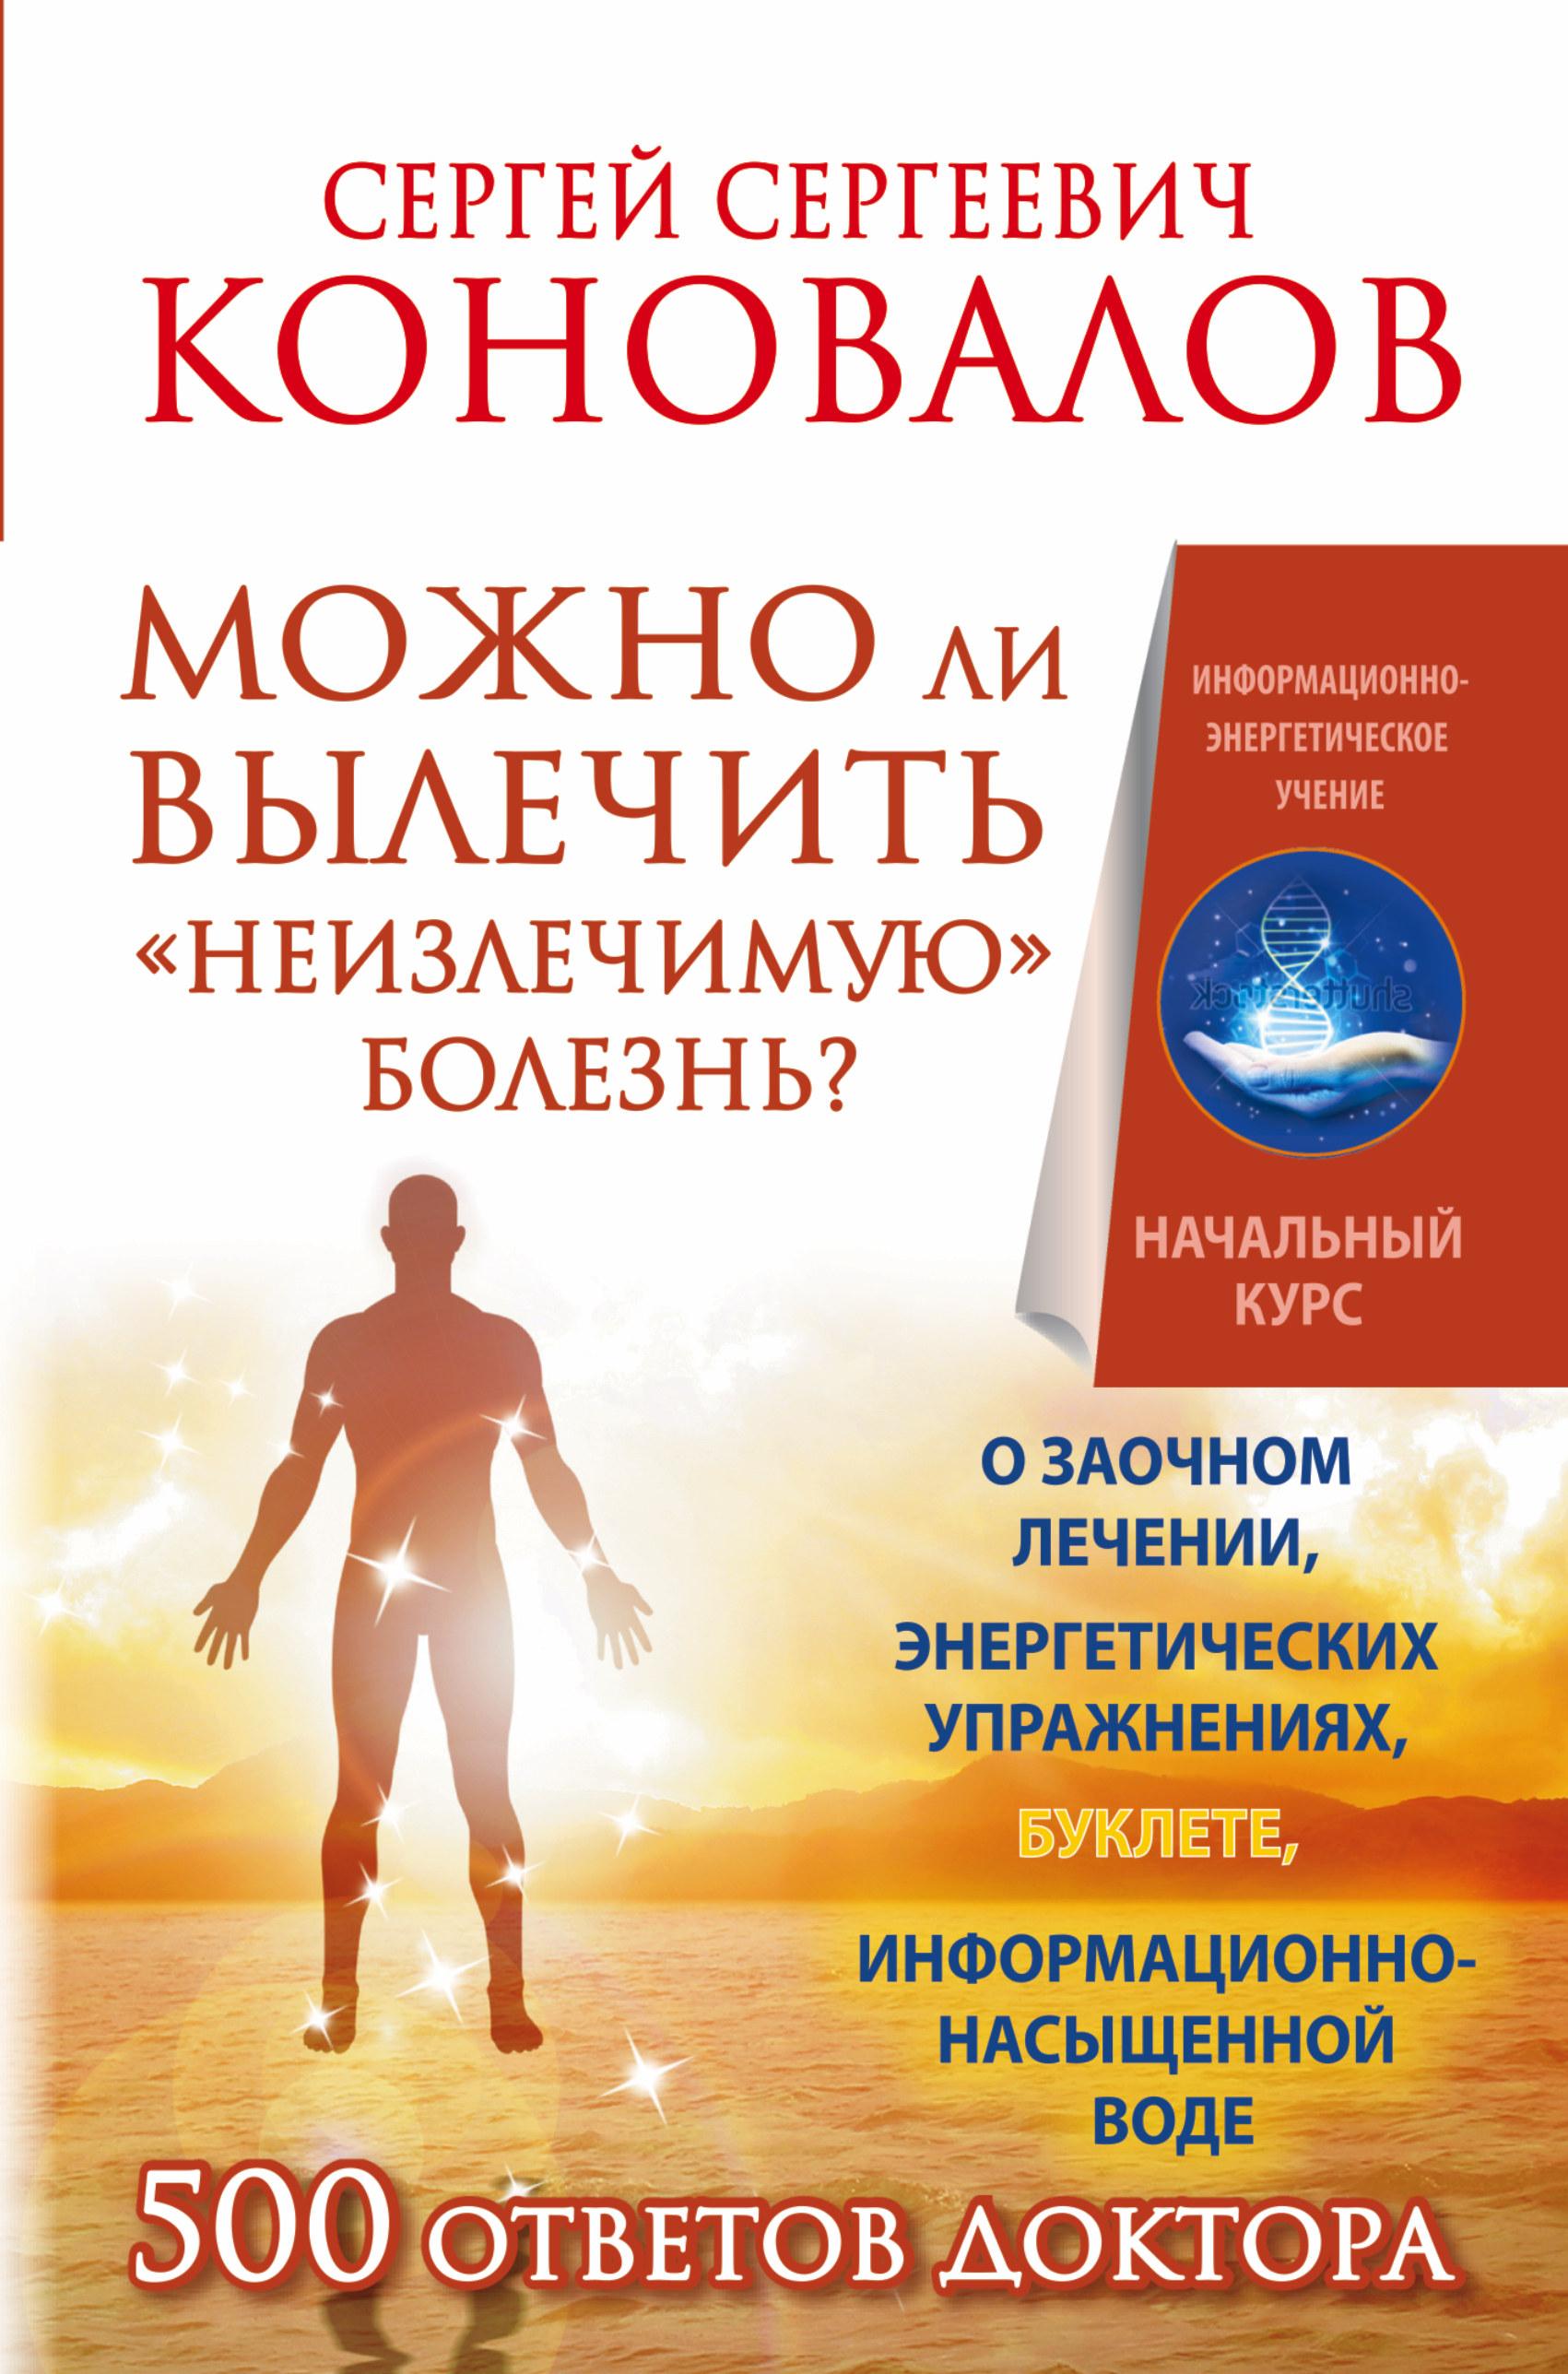 Можно ли вылечить «неизлечимую» болезнь? О заочном лечении, энергетических упражнениях, буклете, информационно насыщенной воде